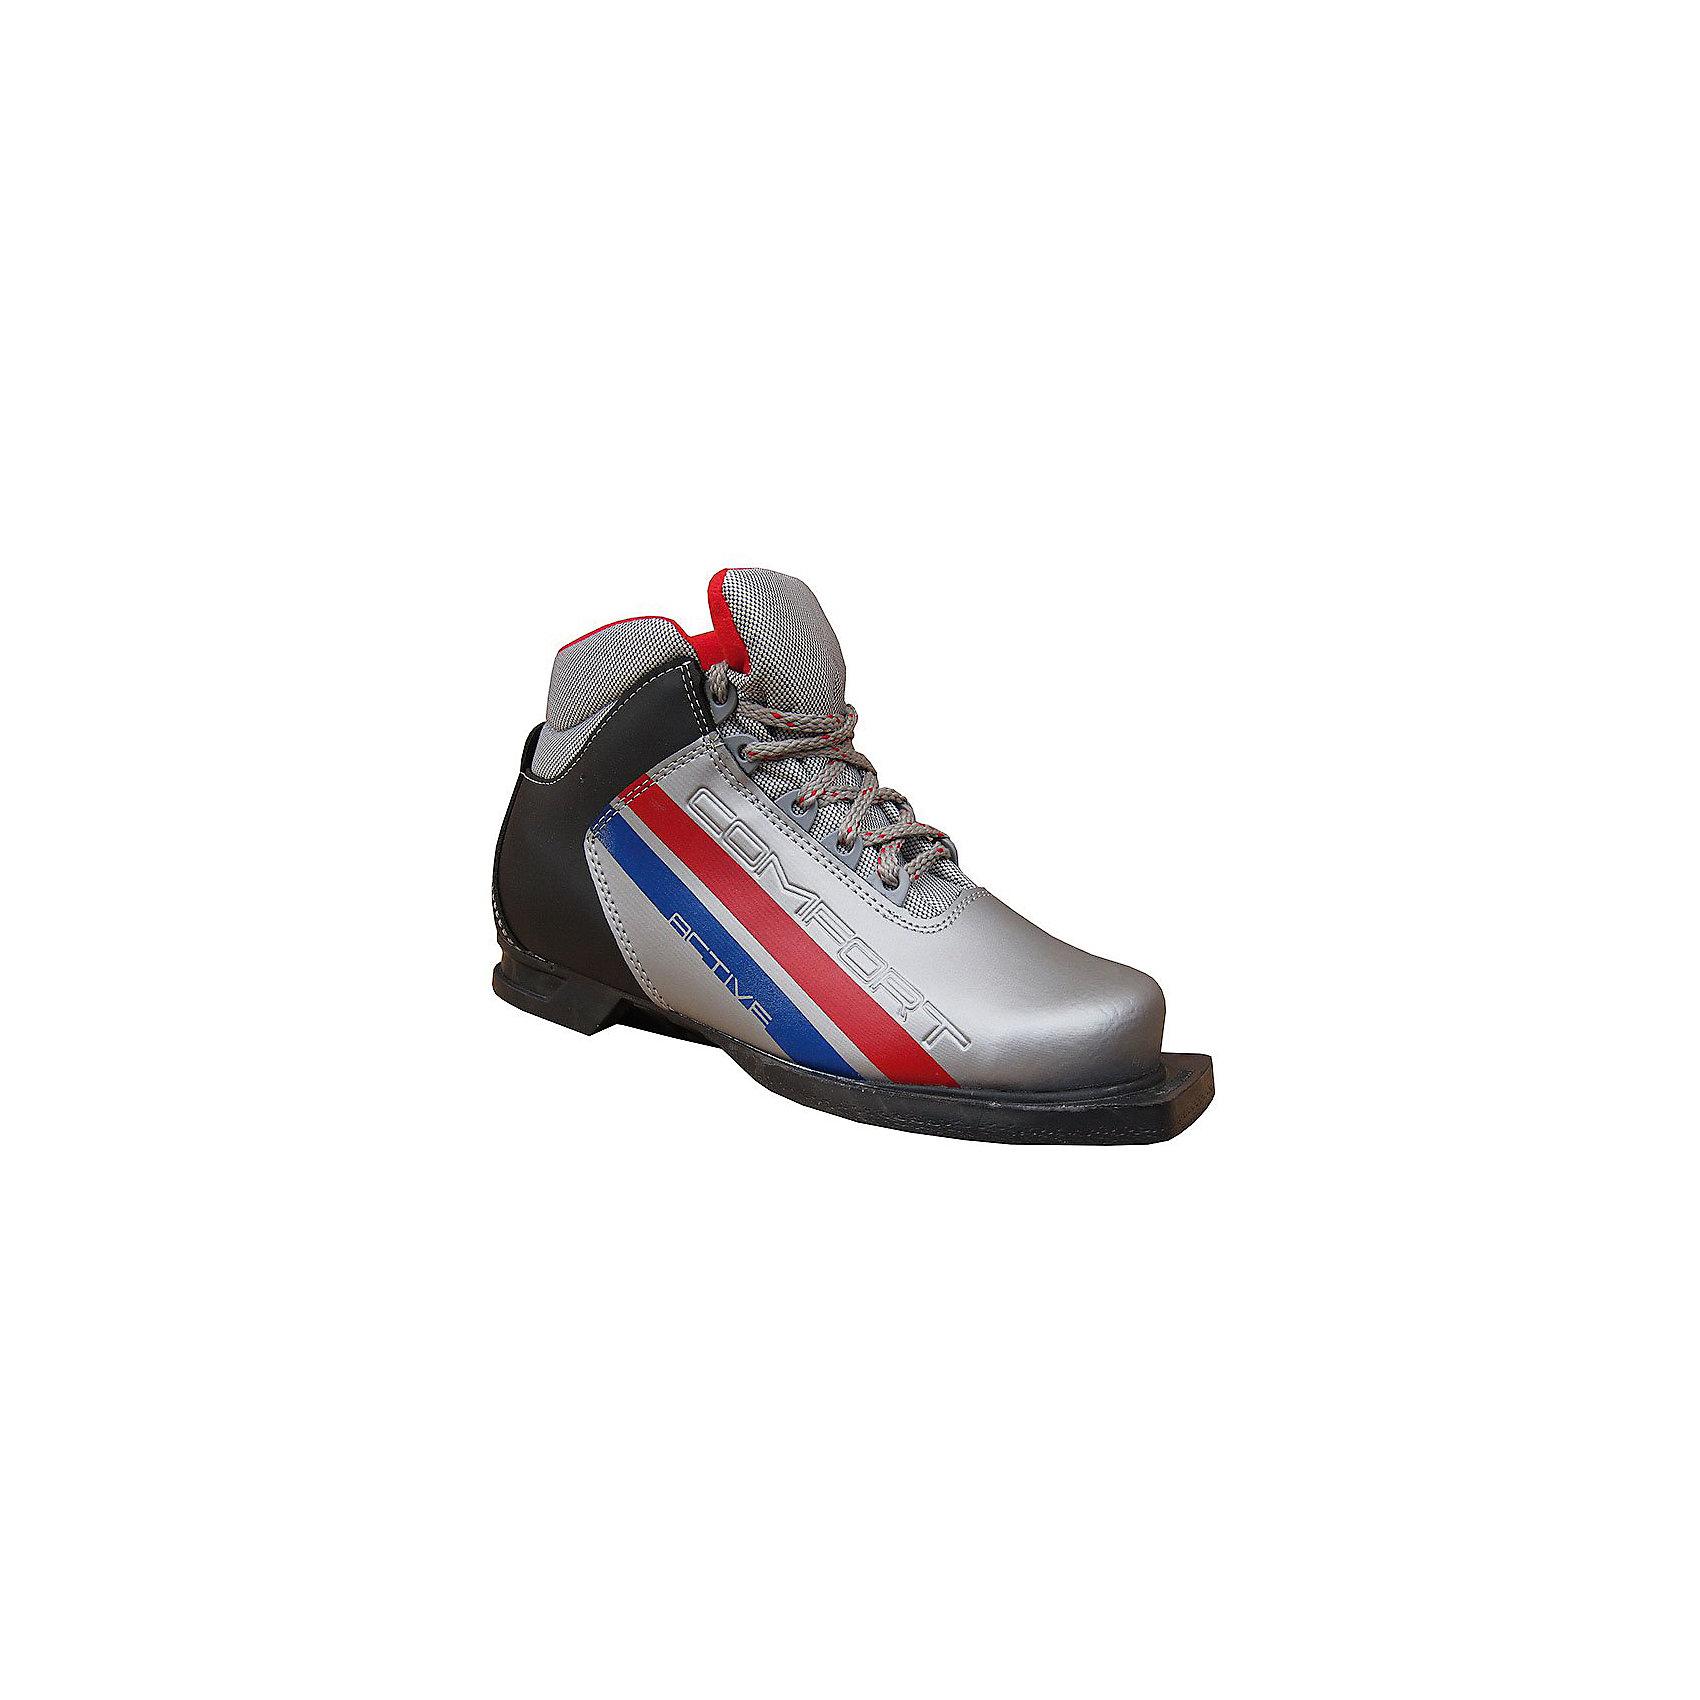 - Ботинки лыжные 75мм М350, МАРАКС, серебро-черный